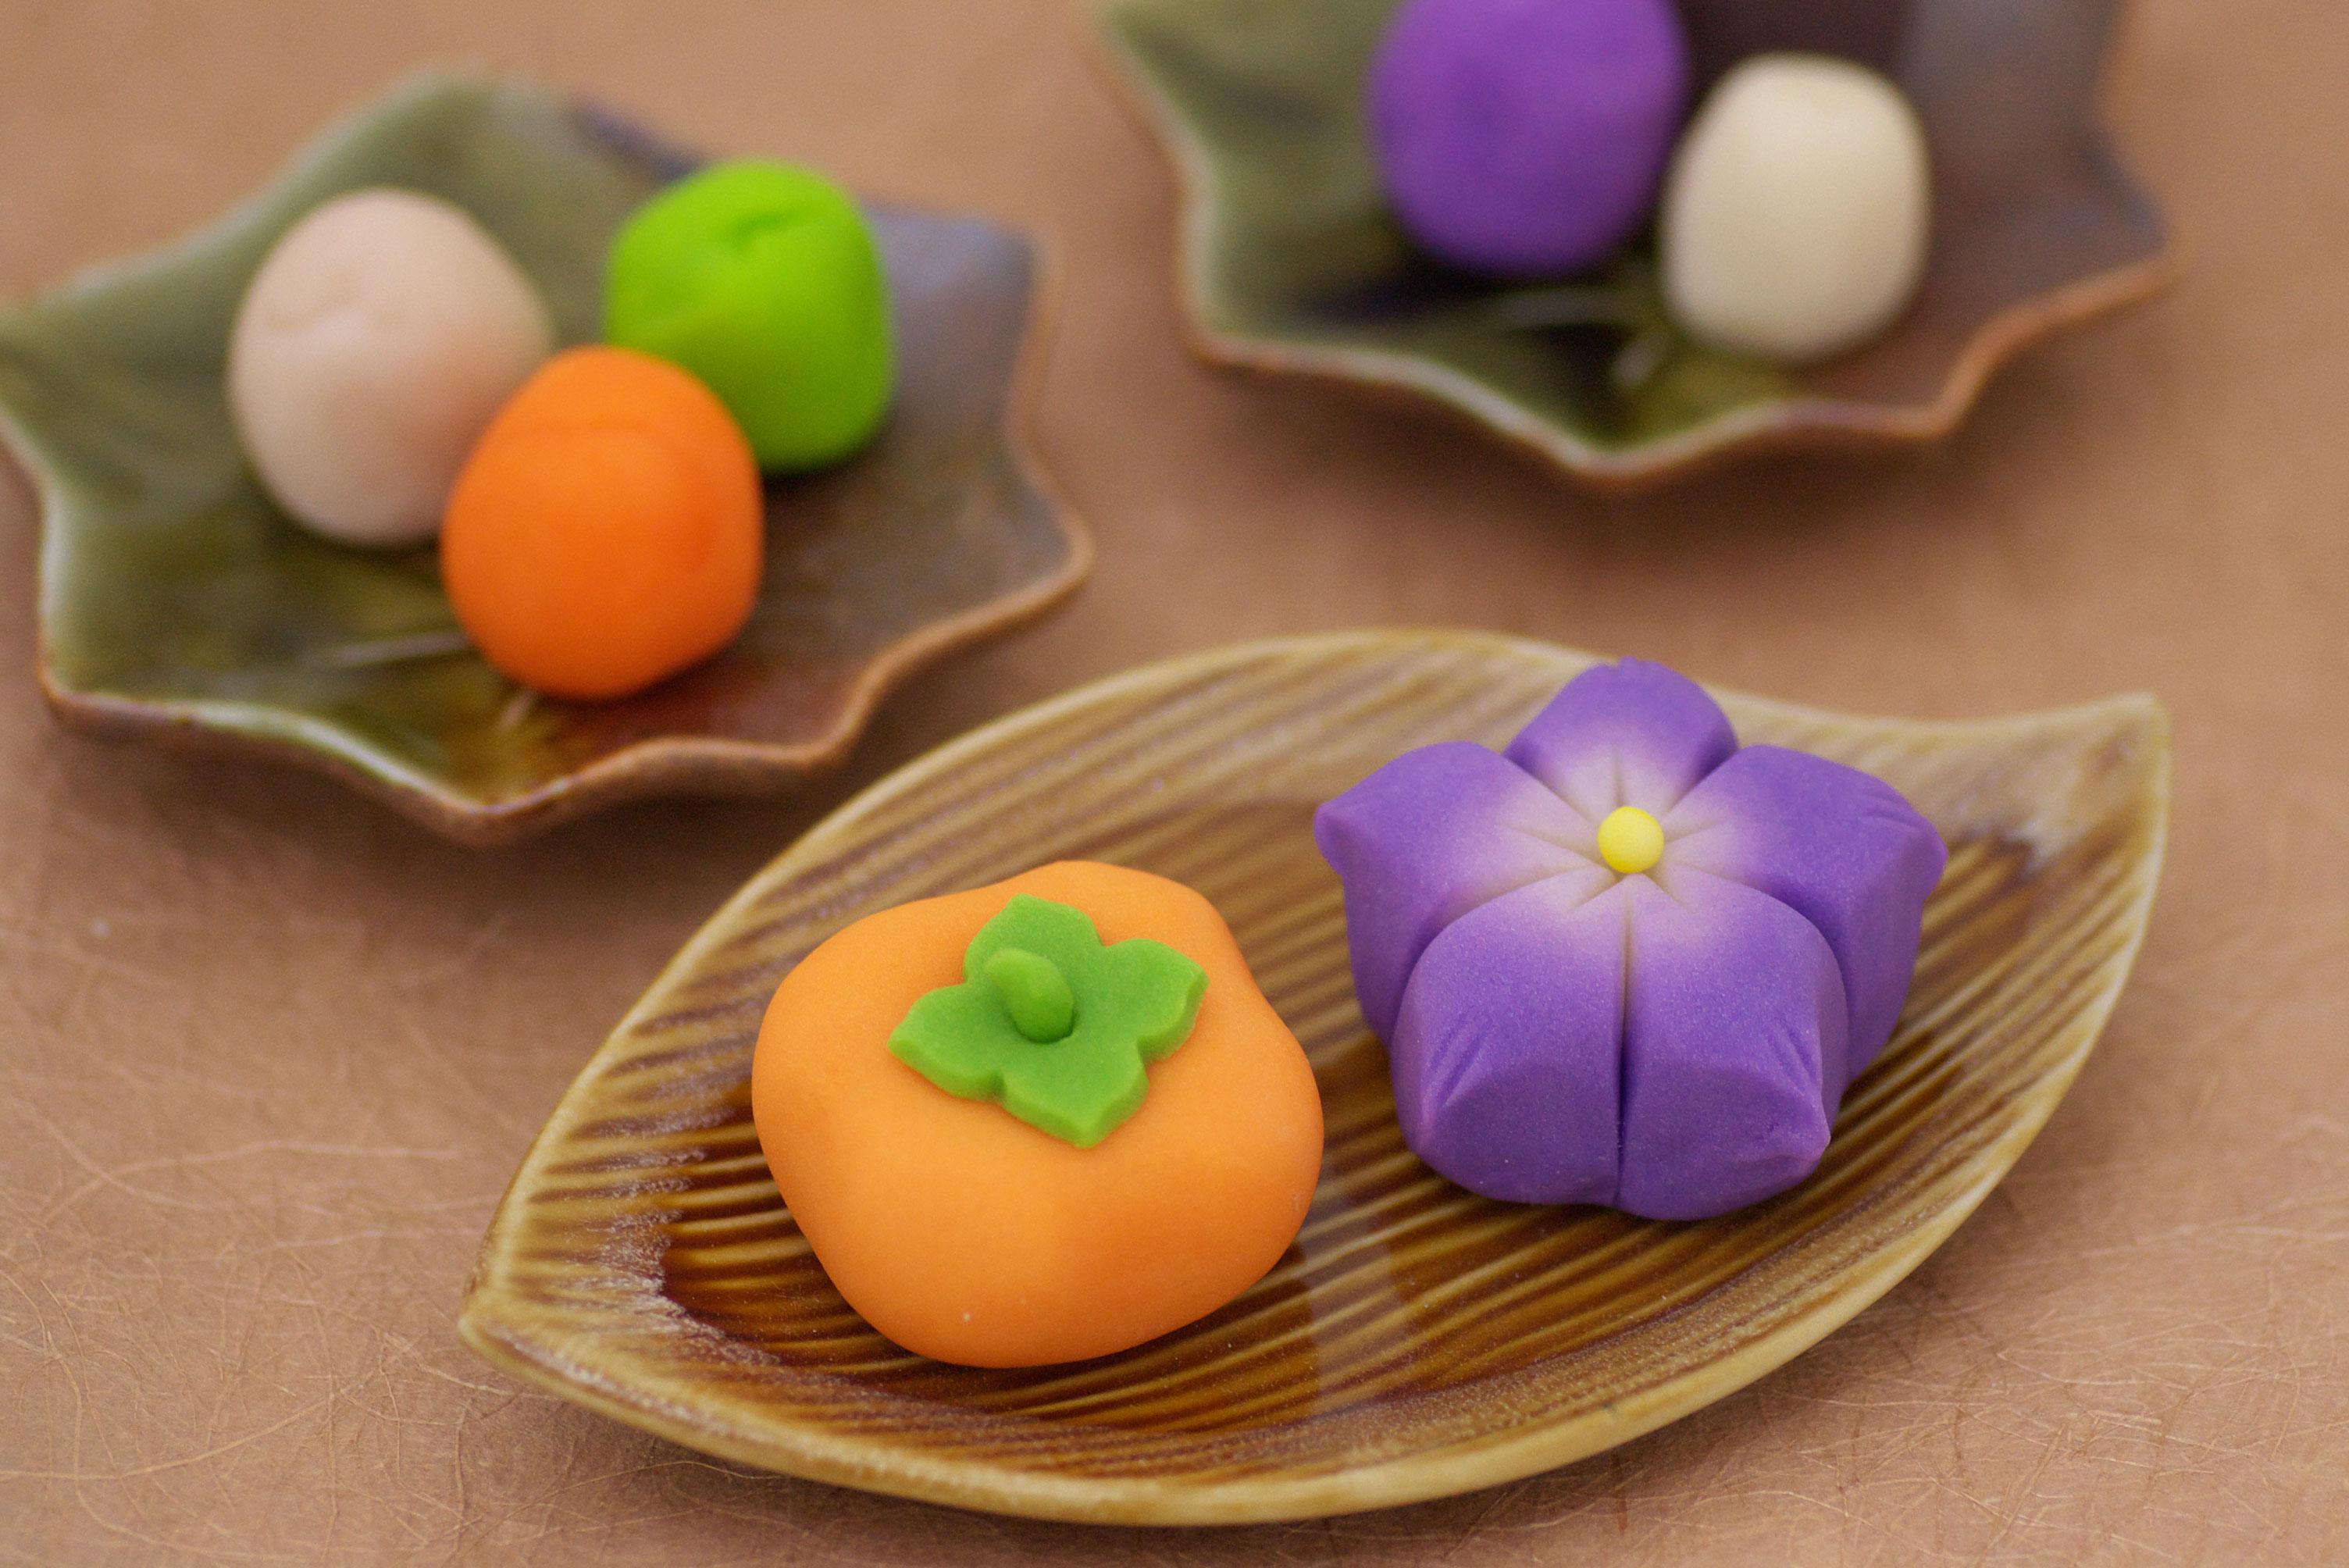 リモートでの和菓子作り体験も行っております。コロナの時でも、ベテランの和菓子職人がご指導させて頂き、和菓子作りを行って頂けます。秋らしい可愛らしい和菓子キットです。